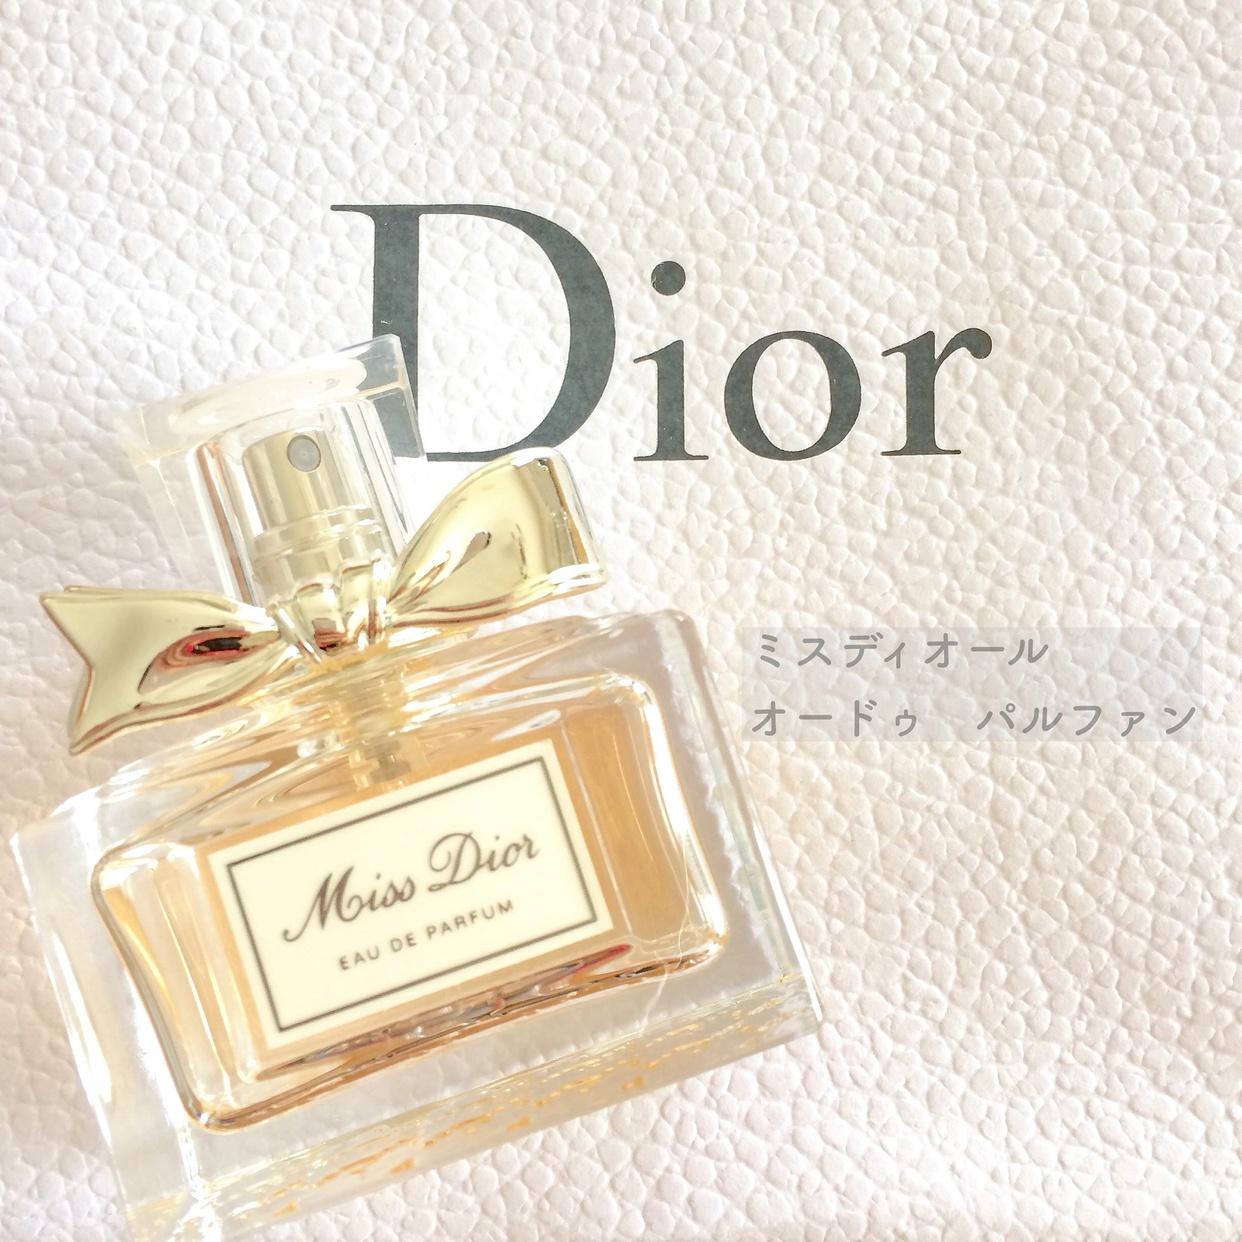 Dior(ディオール) ミス ディオール オードゥ パルファンを使ったさくらもちさんのクチコミ画像1